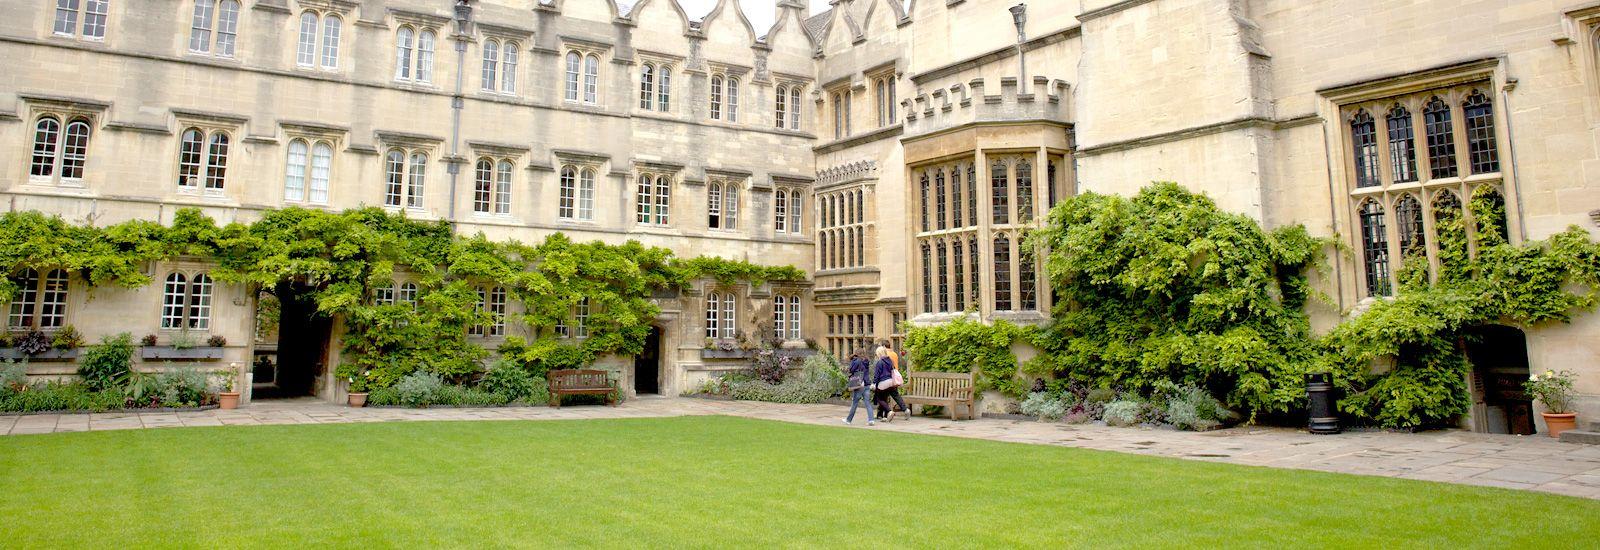 A quad in Jesus College